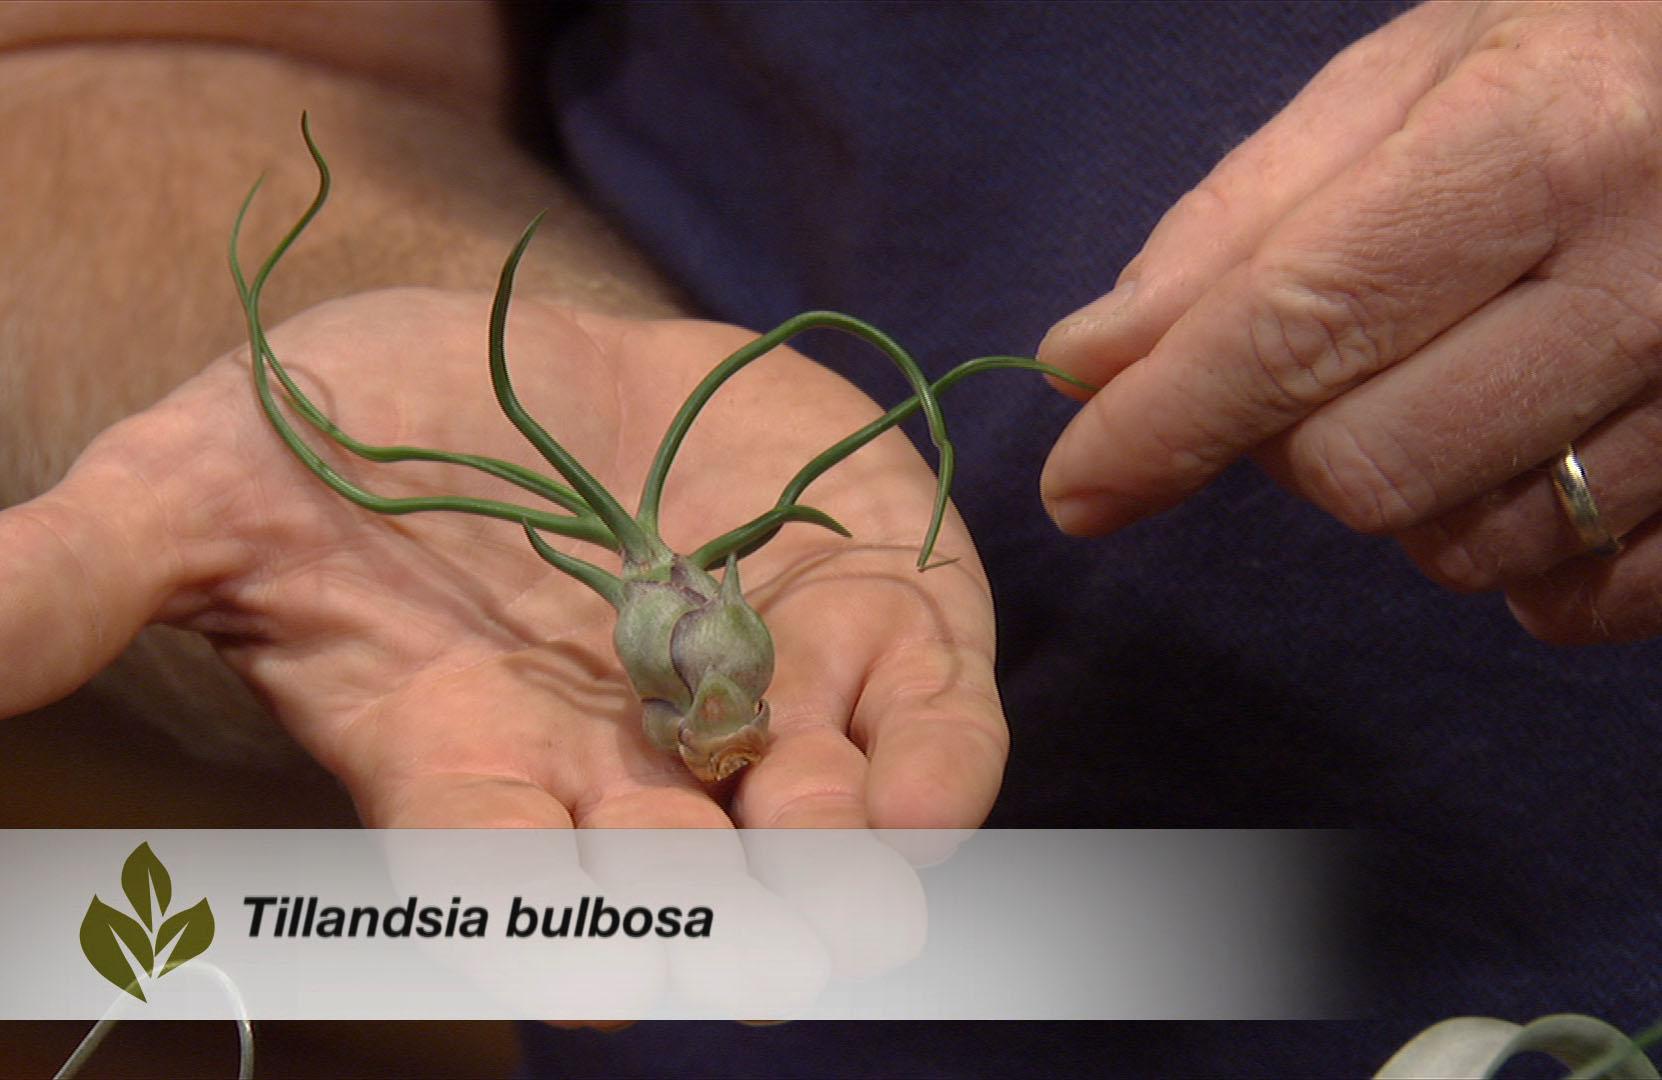 Growing tillandsias Central Texas Gardener